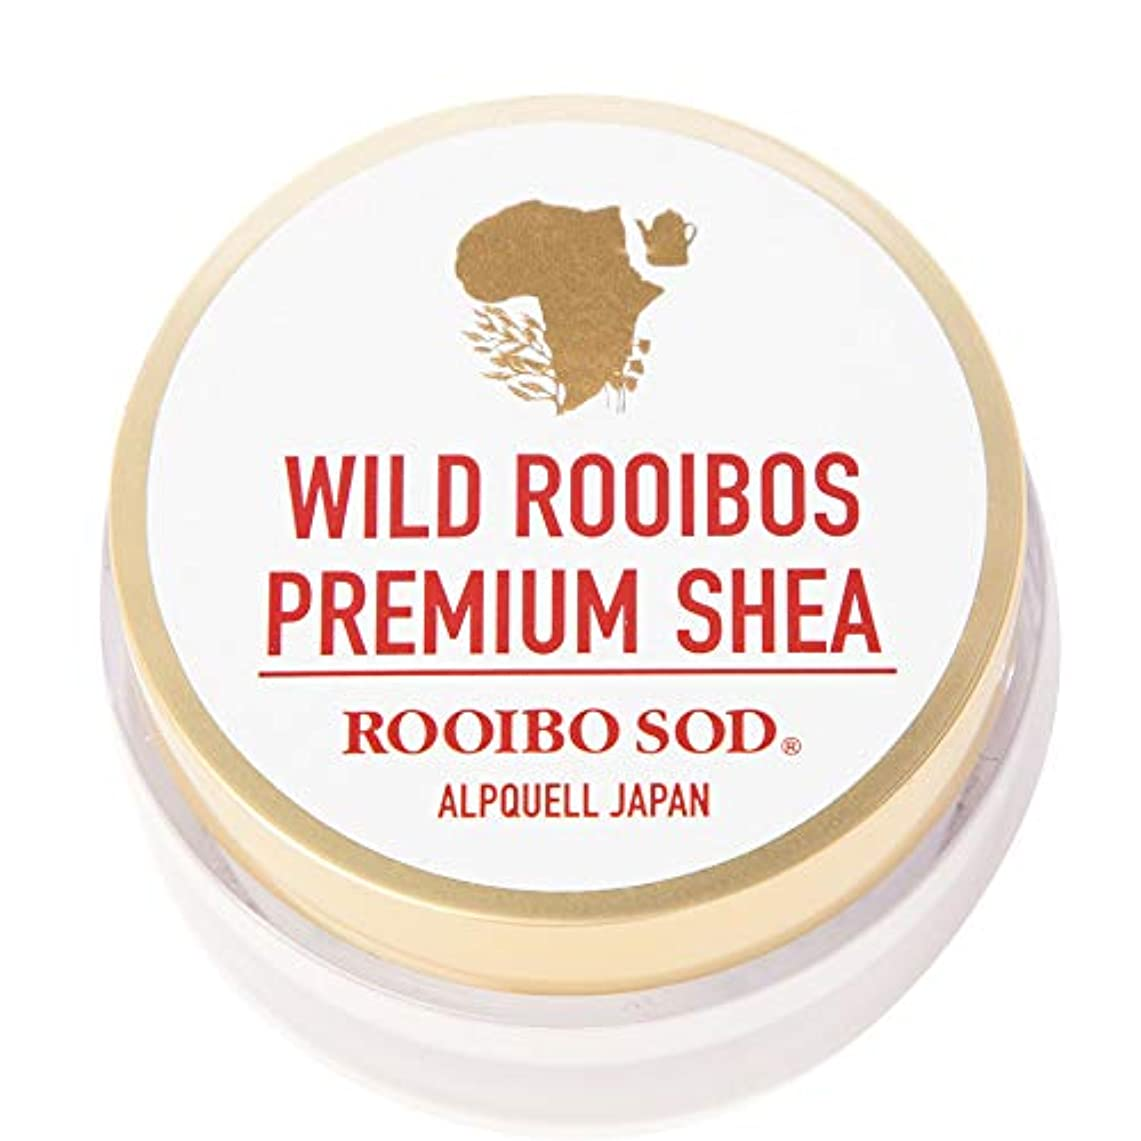 シェア氏アジア人ROOIBO SOD ルイボソード プレミアムシアクリーム シア脂 ルイボスエキス配合 無添加、天然成分100%